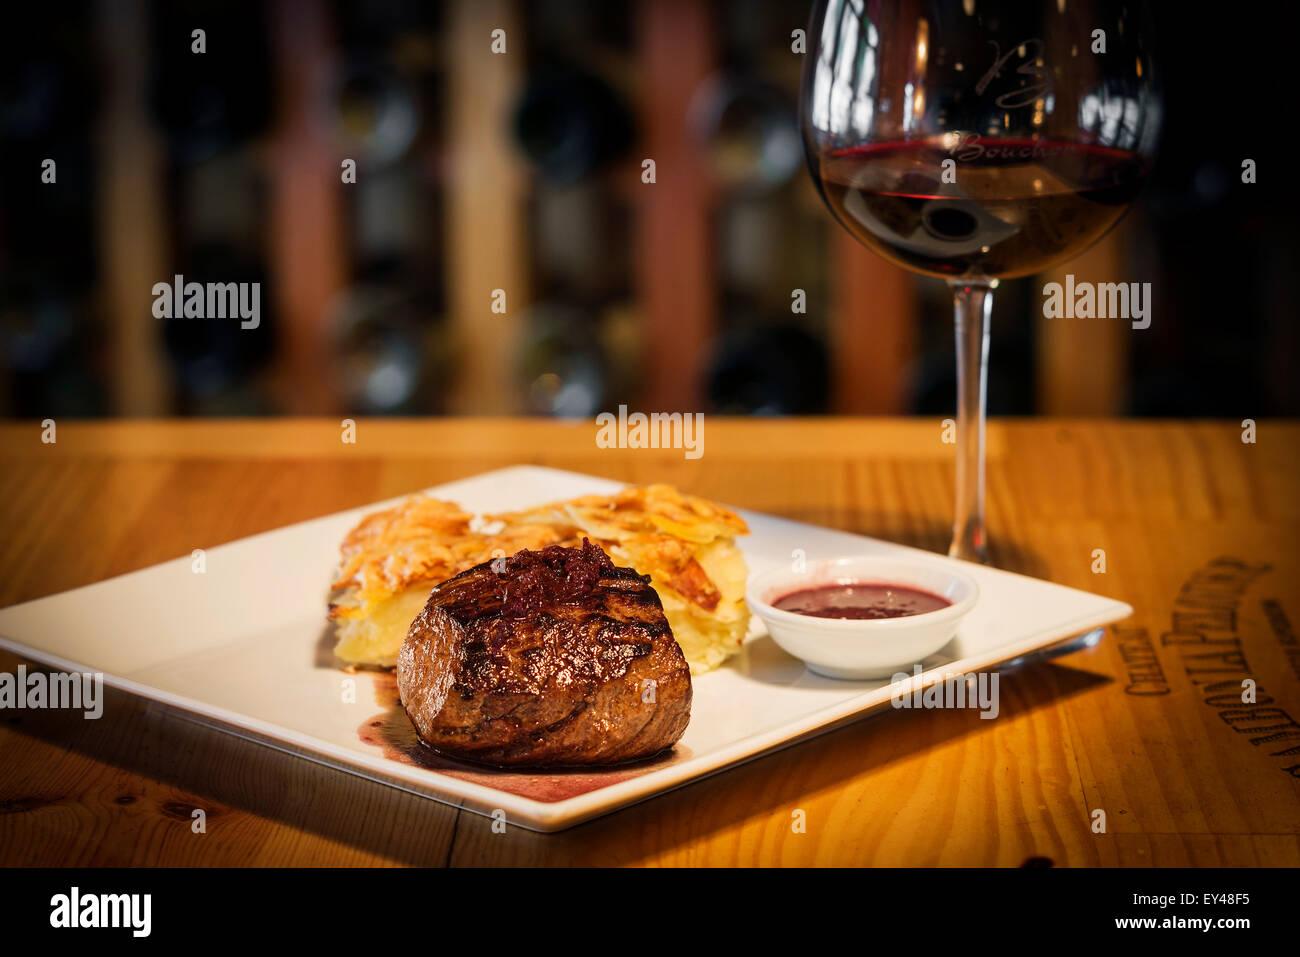 Steak avec pommes de terre et au fromage cuire Photo Stock